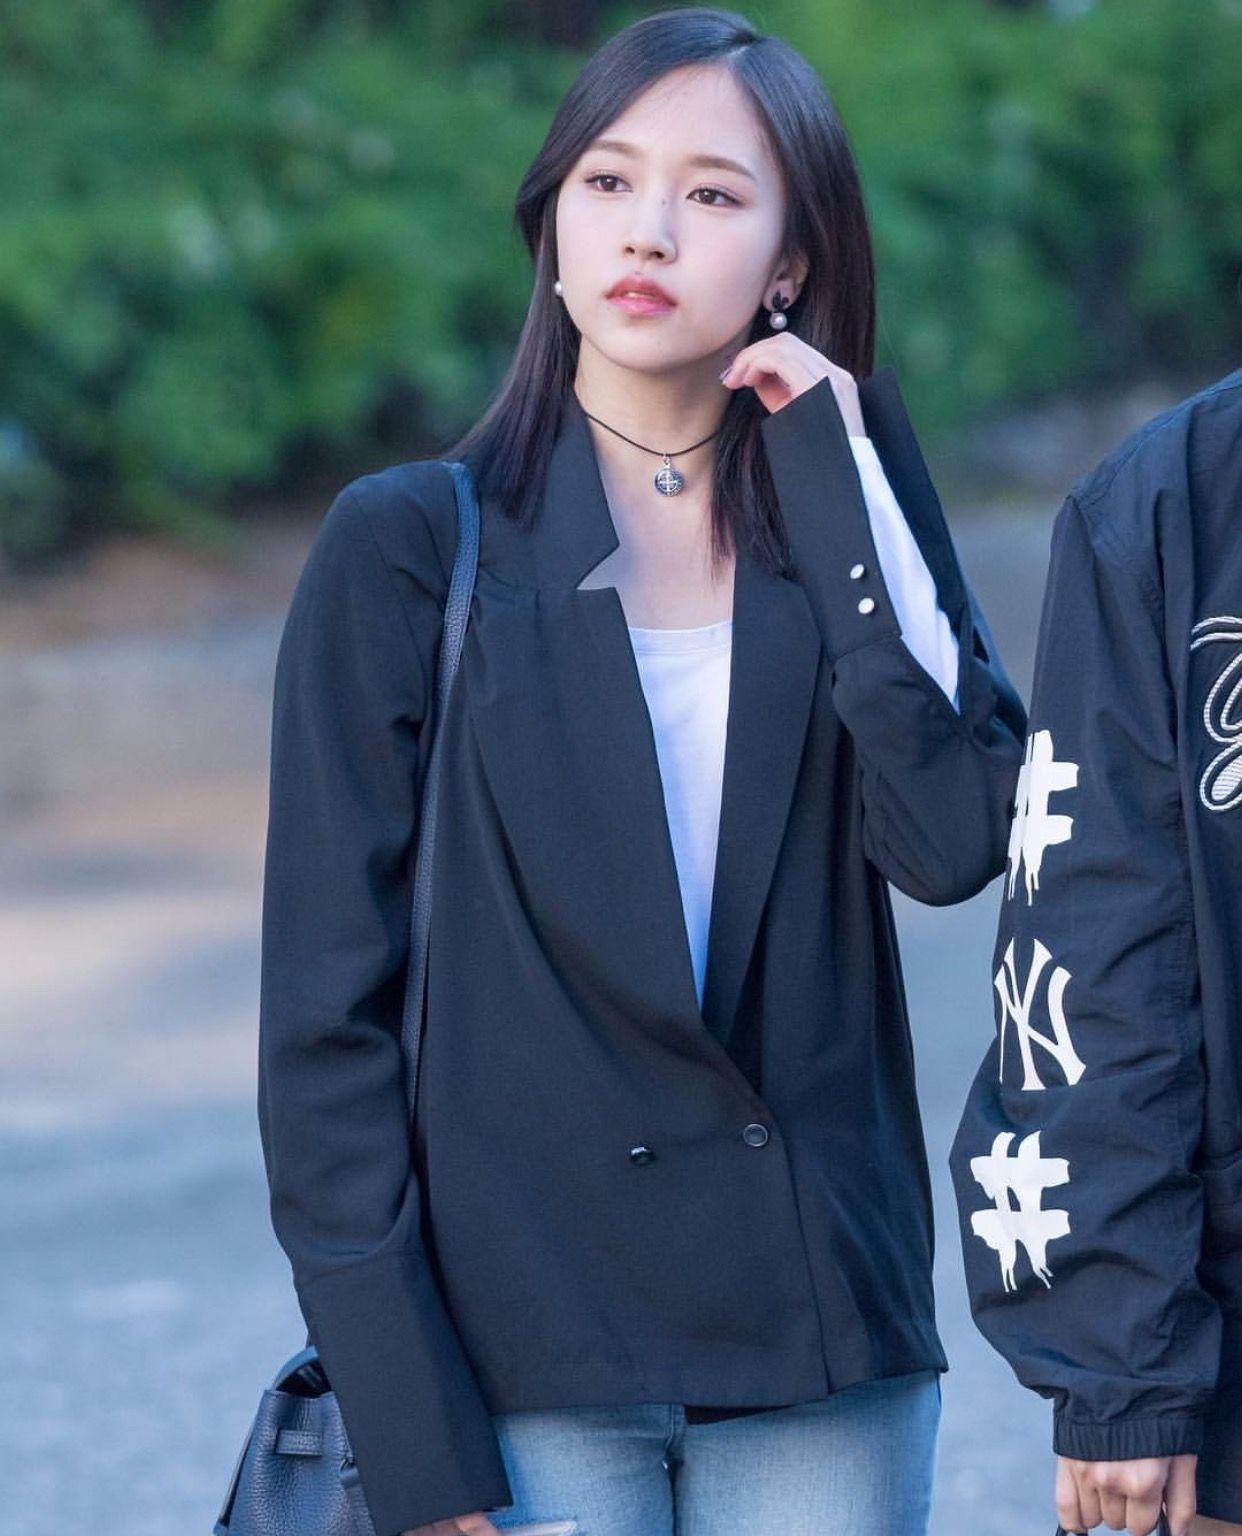 """Quả đúng là tiểu thư gia thế khủng, Mina (TWICE) mặc toàn đồ đơn giản cũng tỏa khí chất """"lá ngọc cành vàng"""" nhìn mà mê  - Ảnh 10."""